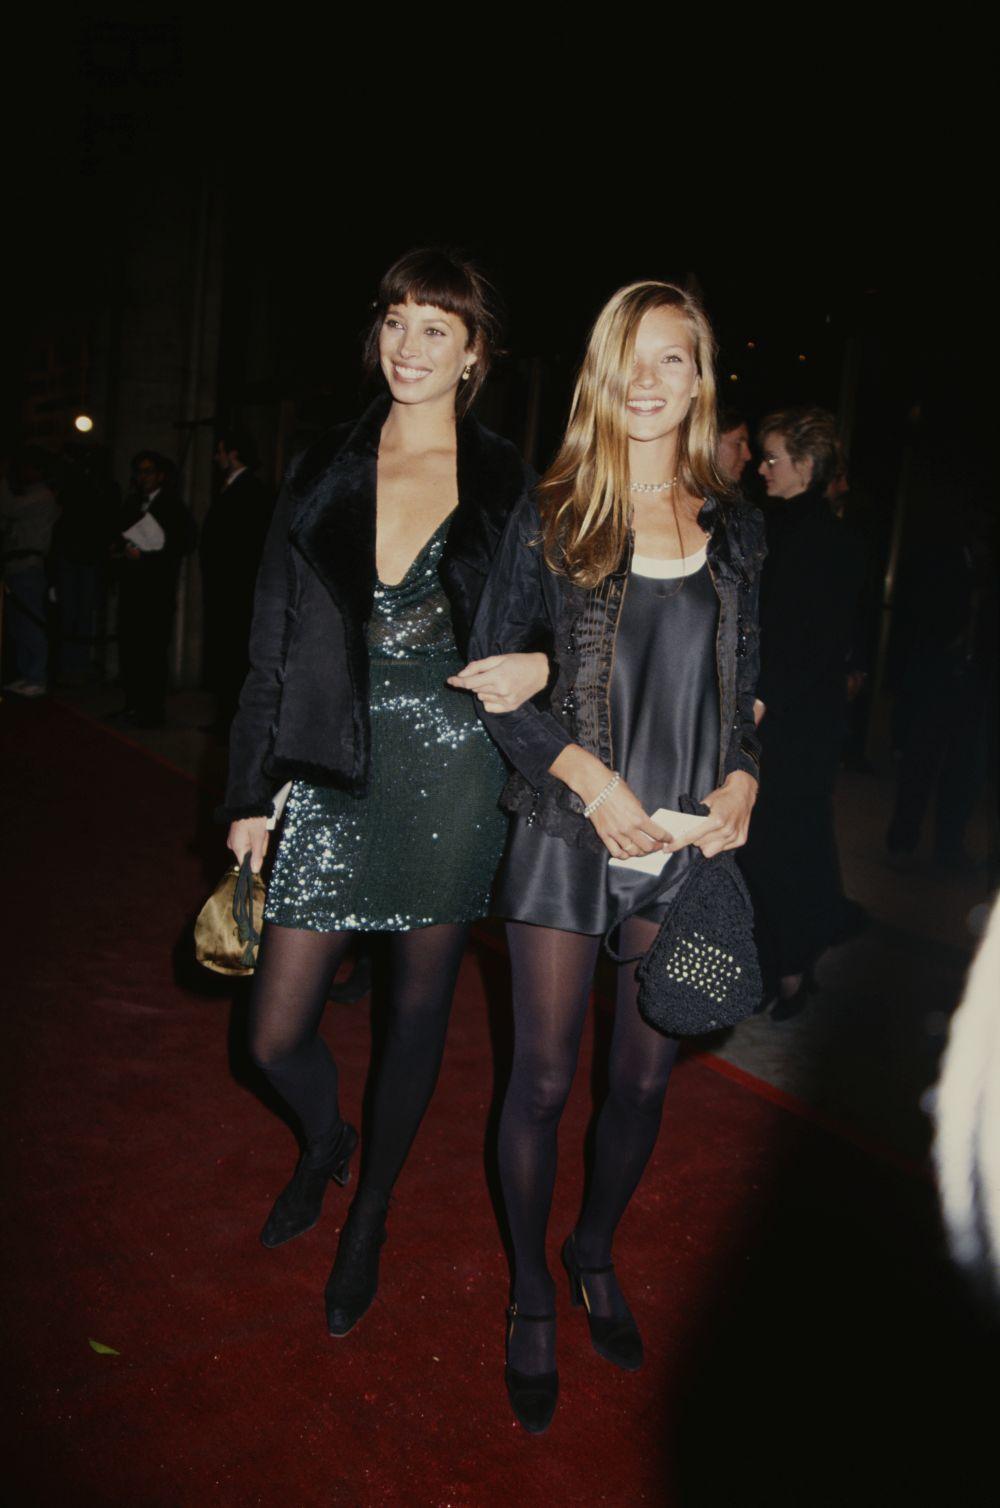 Las modelos Christy Turlington y Kate Moss con vestidos negros en la década de los 90.